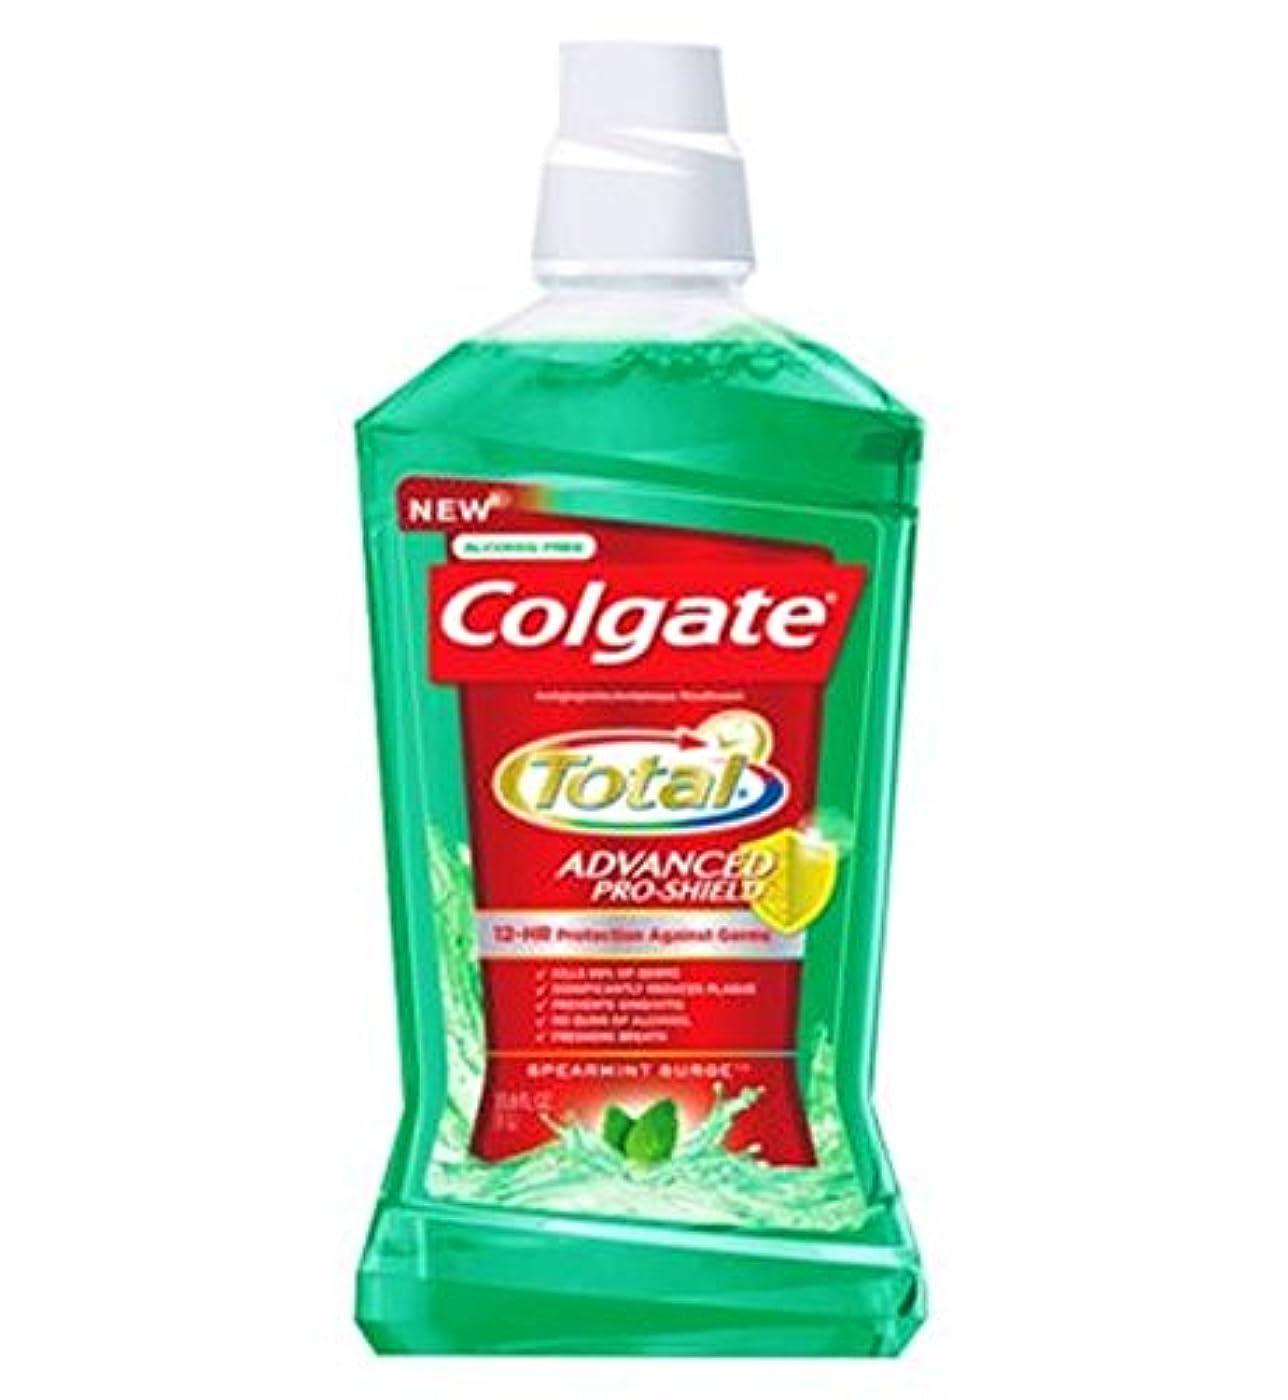 どれでもビットコントロールColgate Mouthrinse Total Green 500ml - コルゲートの口内洗浄剤の合計緑500ミリリットル (Colgate) [並行輸入品]